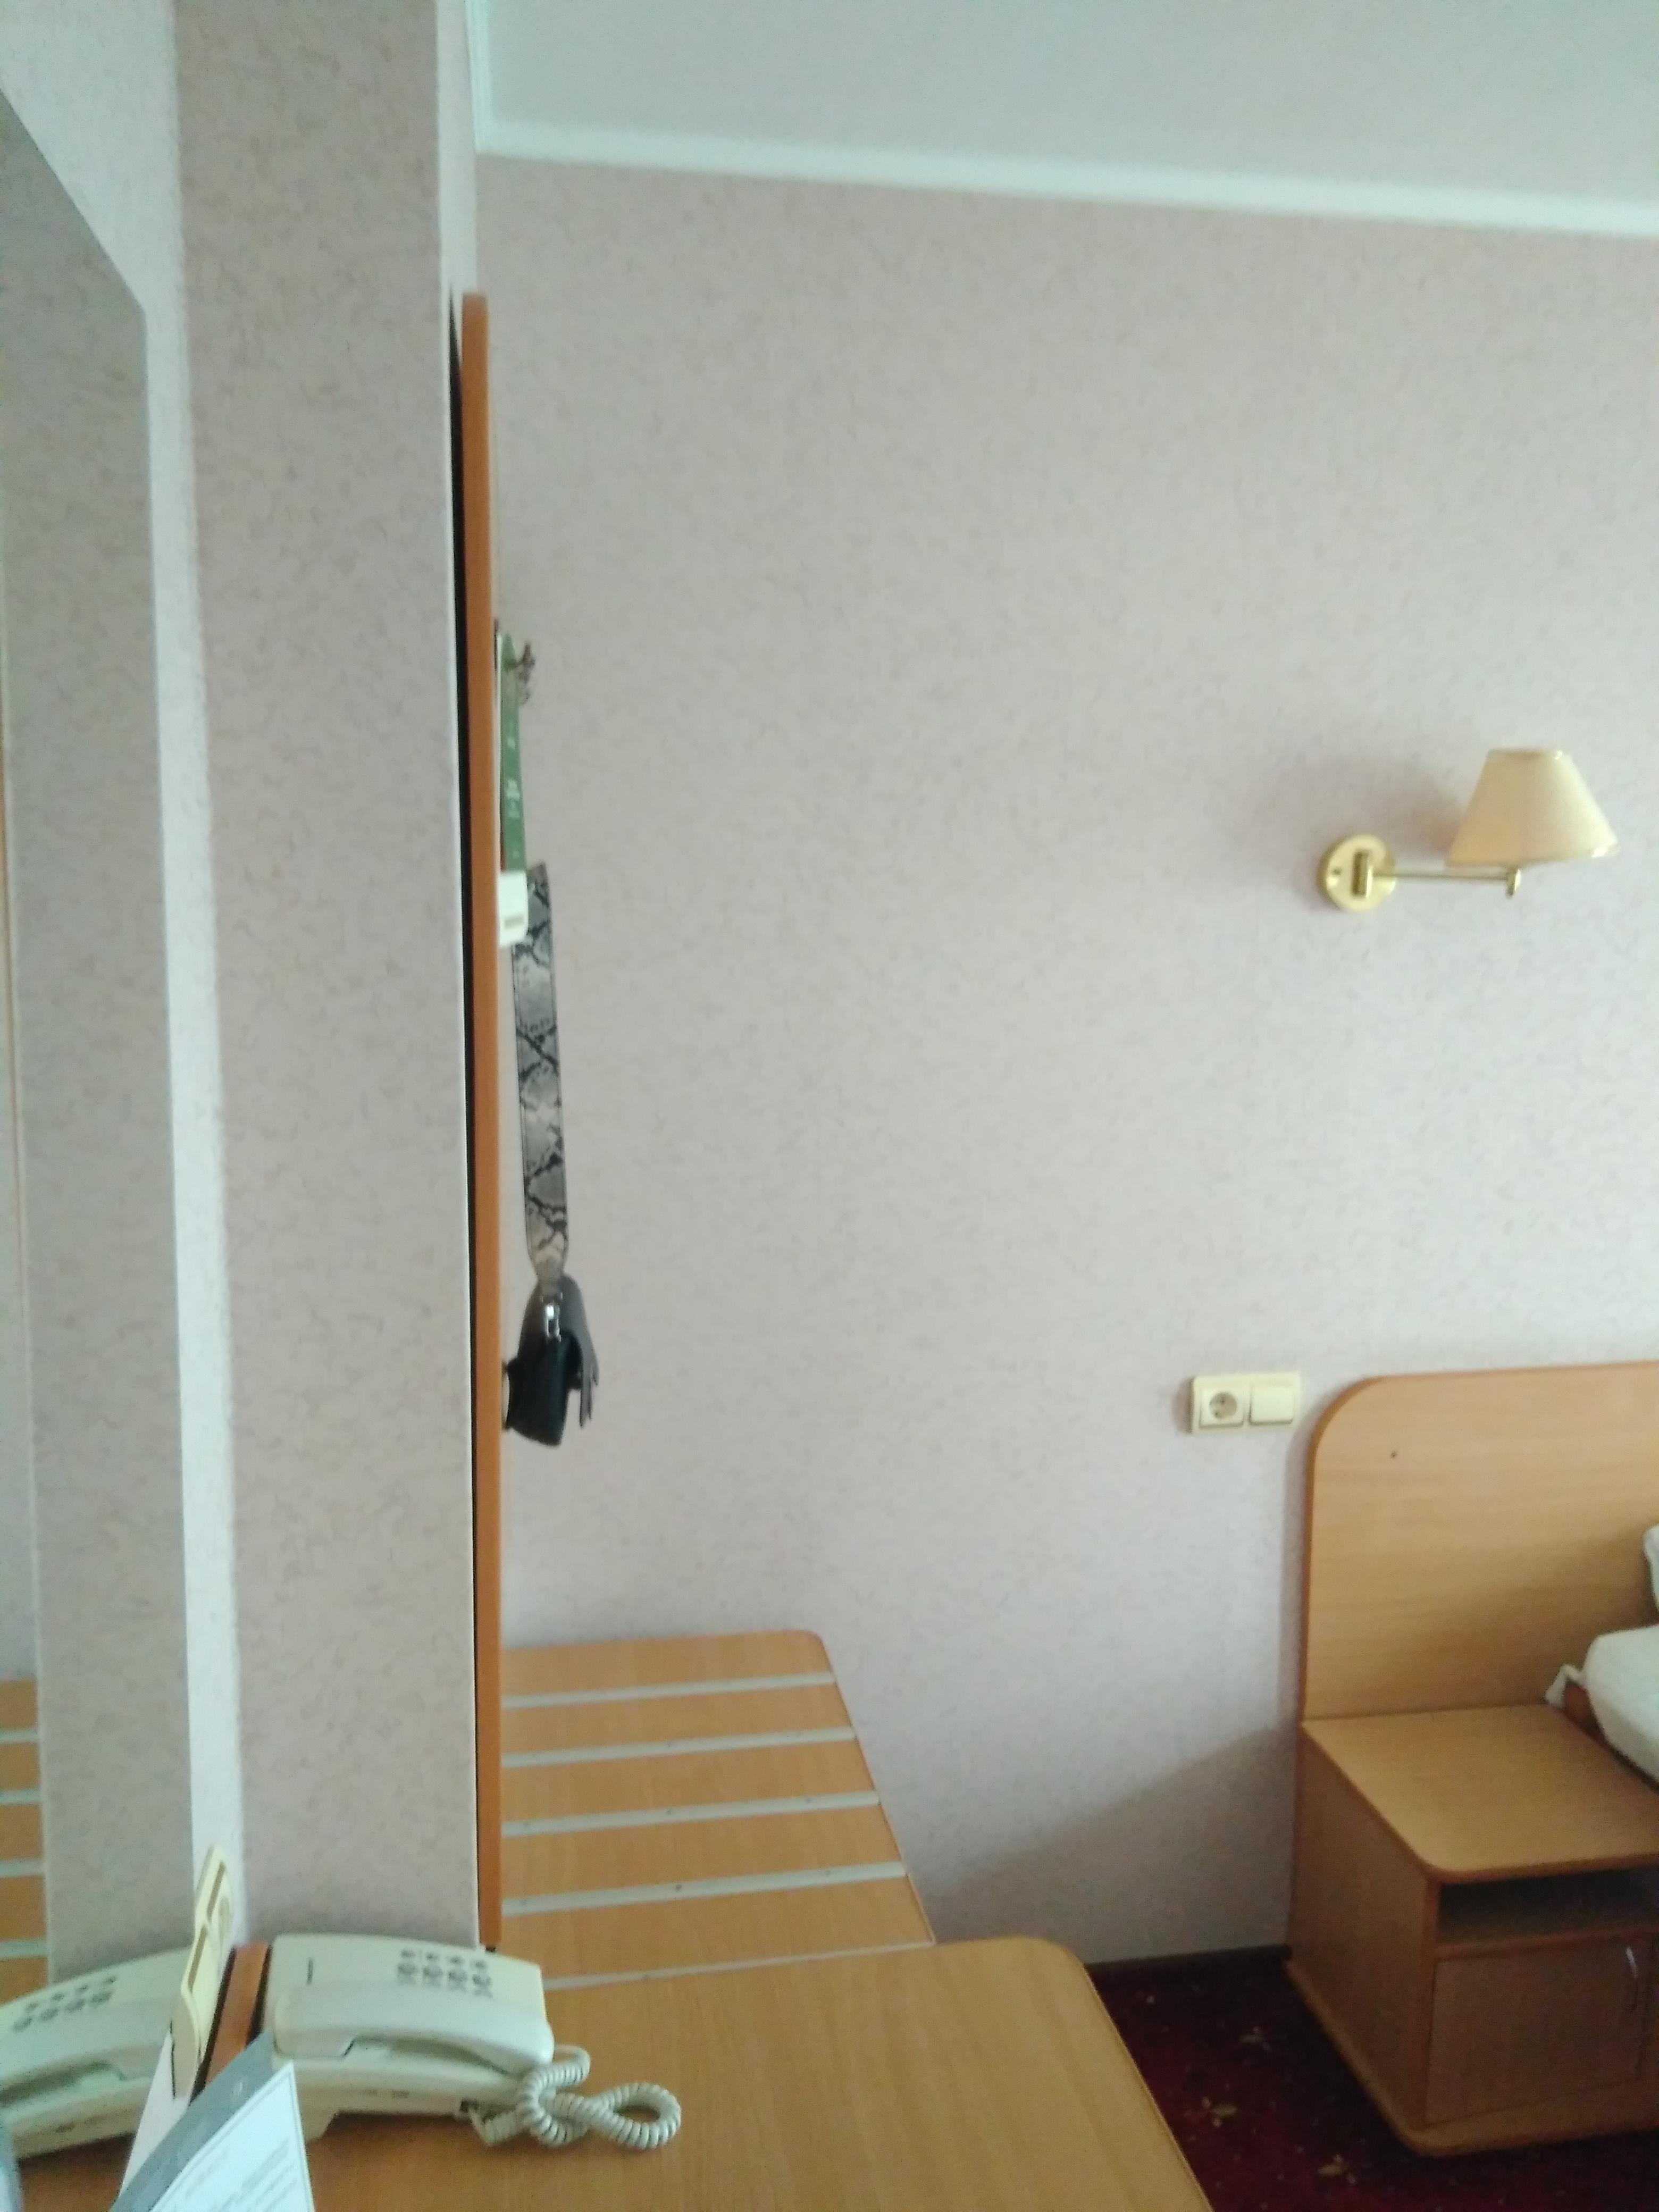 АМАКС Золотое кольцо, гостинично-развлекательный комплекс - №16